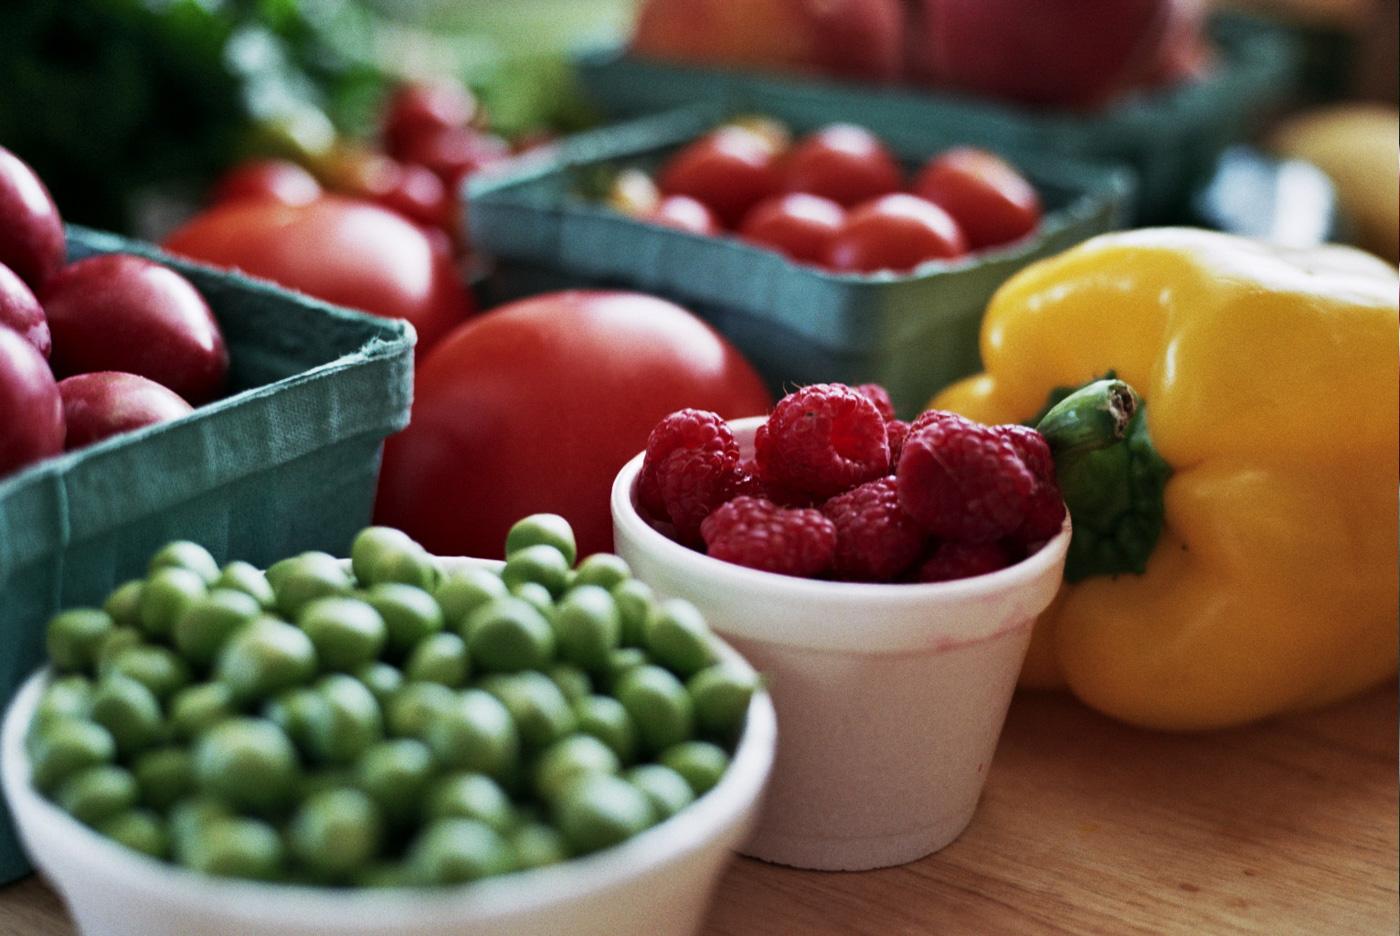 July 8, 2017 Farmers Market